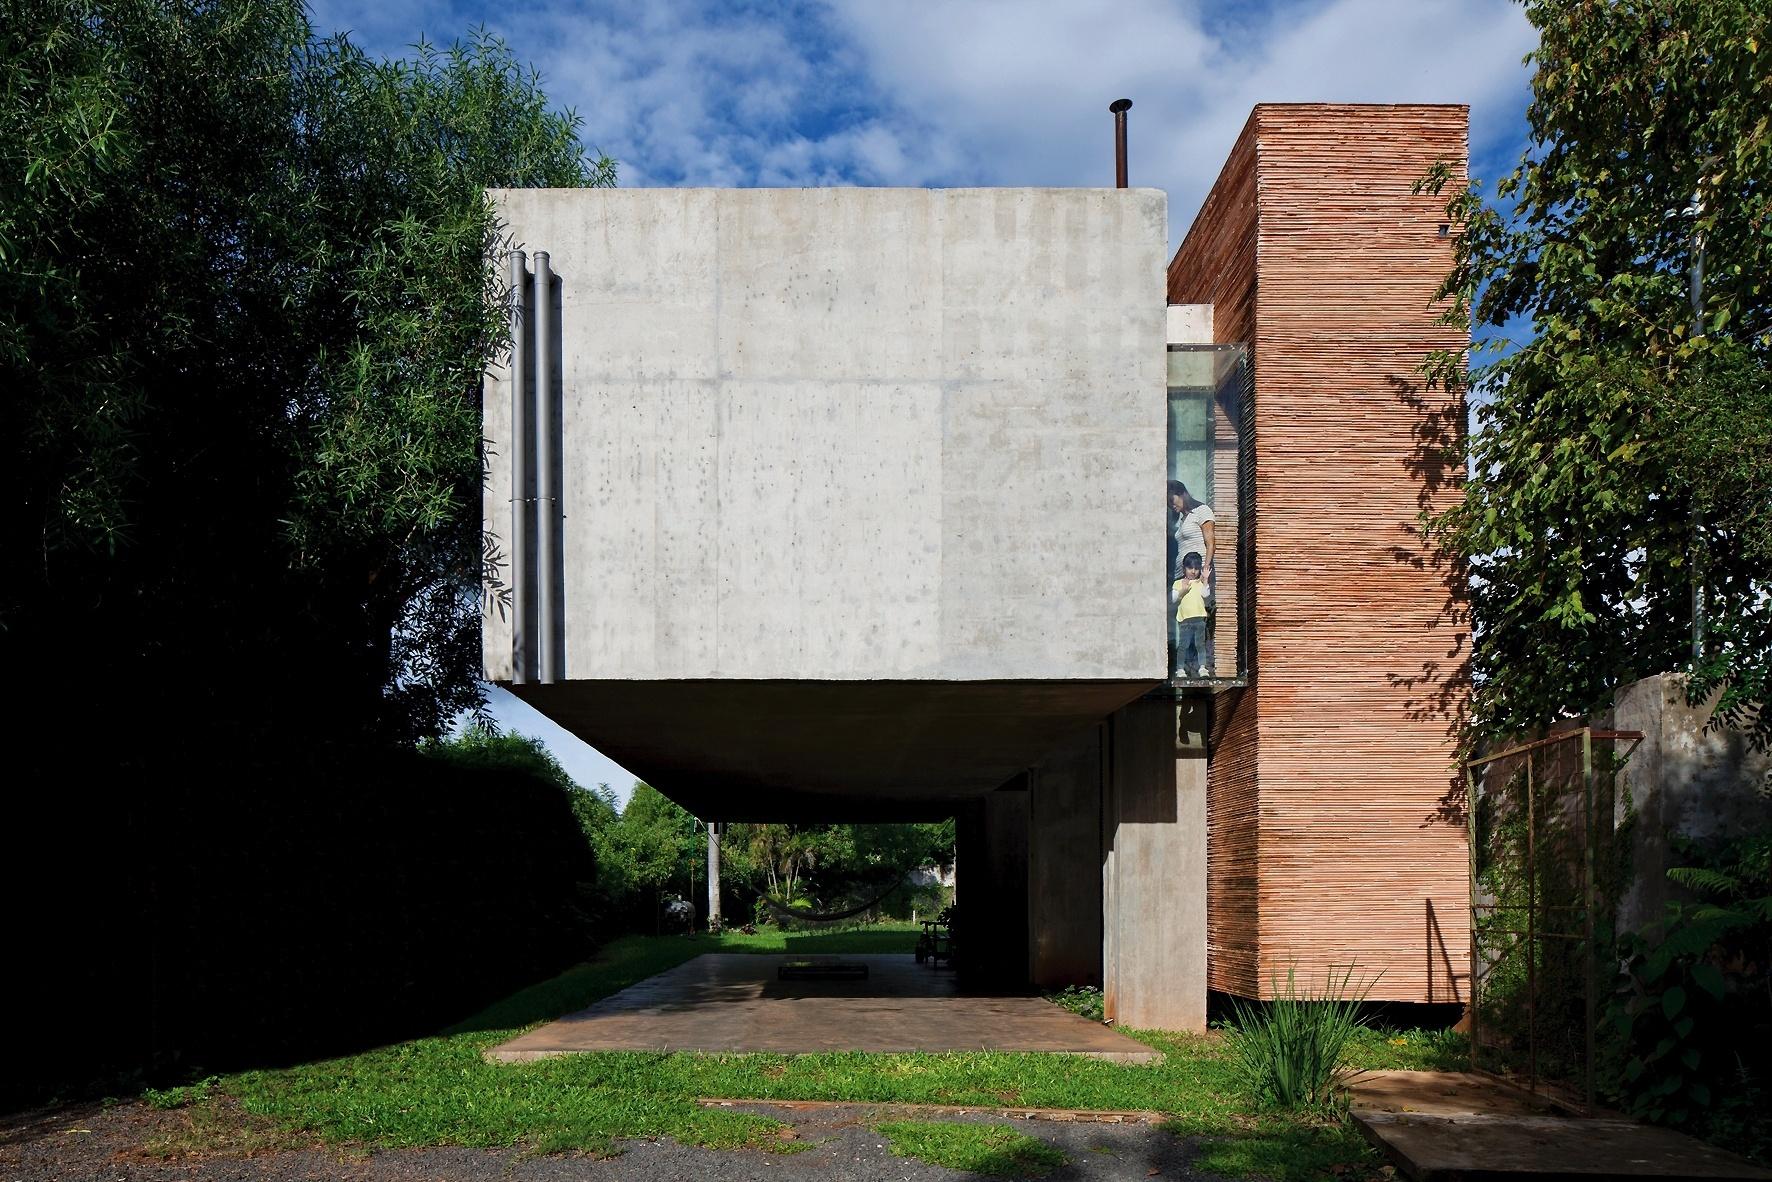 Limpeza estrutural é a característica principal desta casa paraguaia, que tem salas de jantar e estar, dormitórios, cozinha e banheiro concentrados em um bloco totalmente suspenso (à esq.), a partir de dois pilares conectados a um bloco de serviços e outro de circulação (de cerâmica), que servem como contrapeso ao volume. O protagonista é o concreto armado e o balanço da estrutura permite a criação de uma área de convivência, sob a residência. A House in the Ai tem projeto da TDA Arquitetura